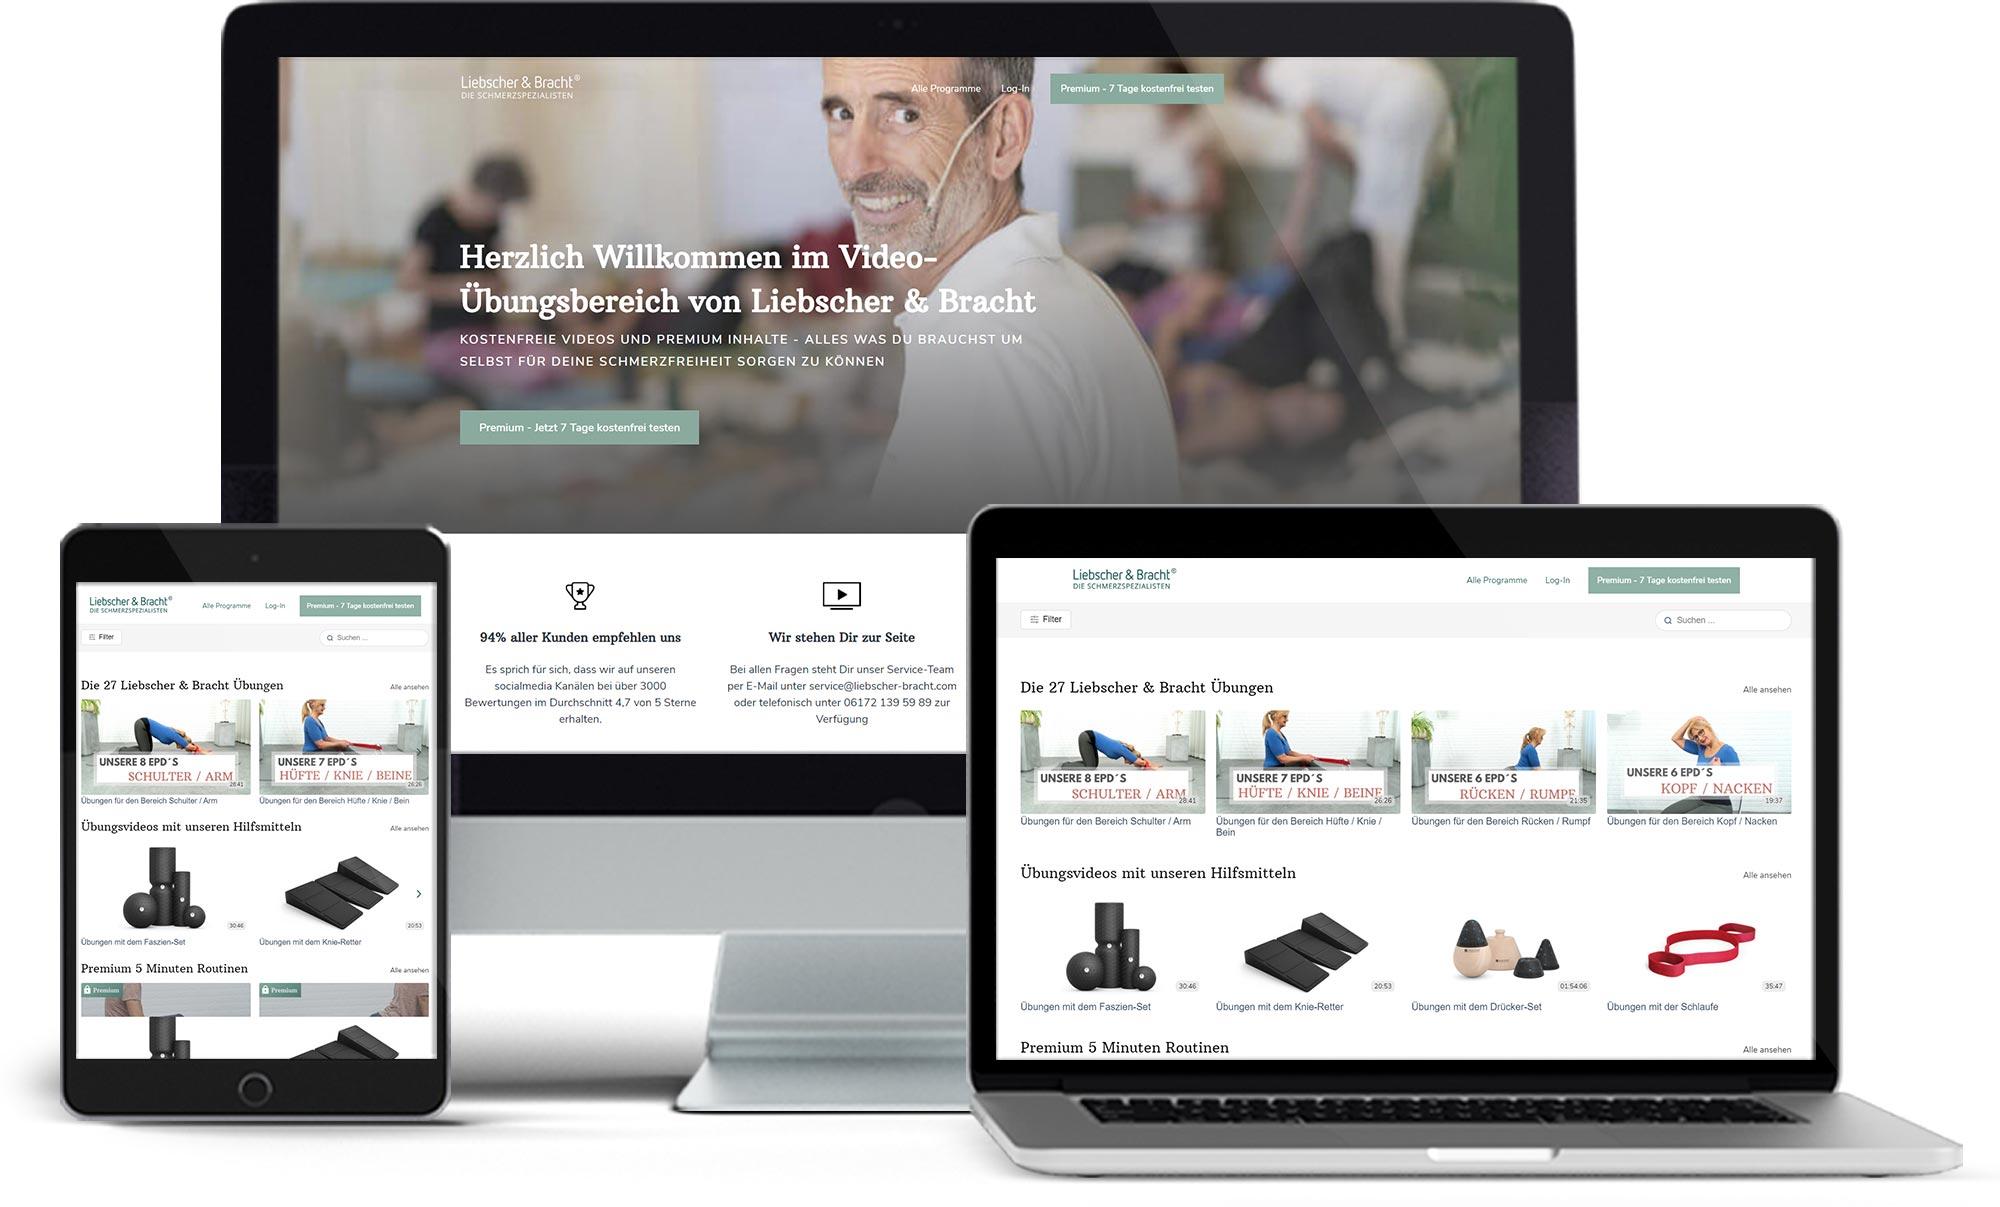 produkt-online-mediathek-zugang-uebungen-liebscher-bracht